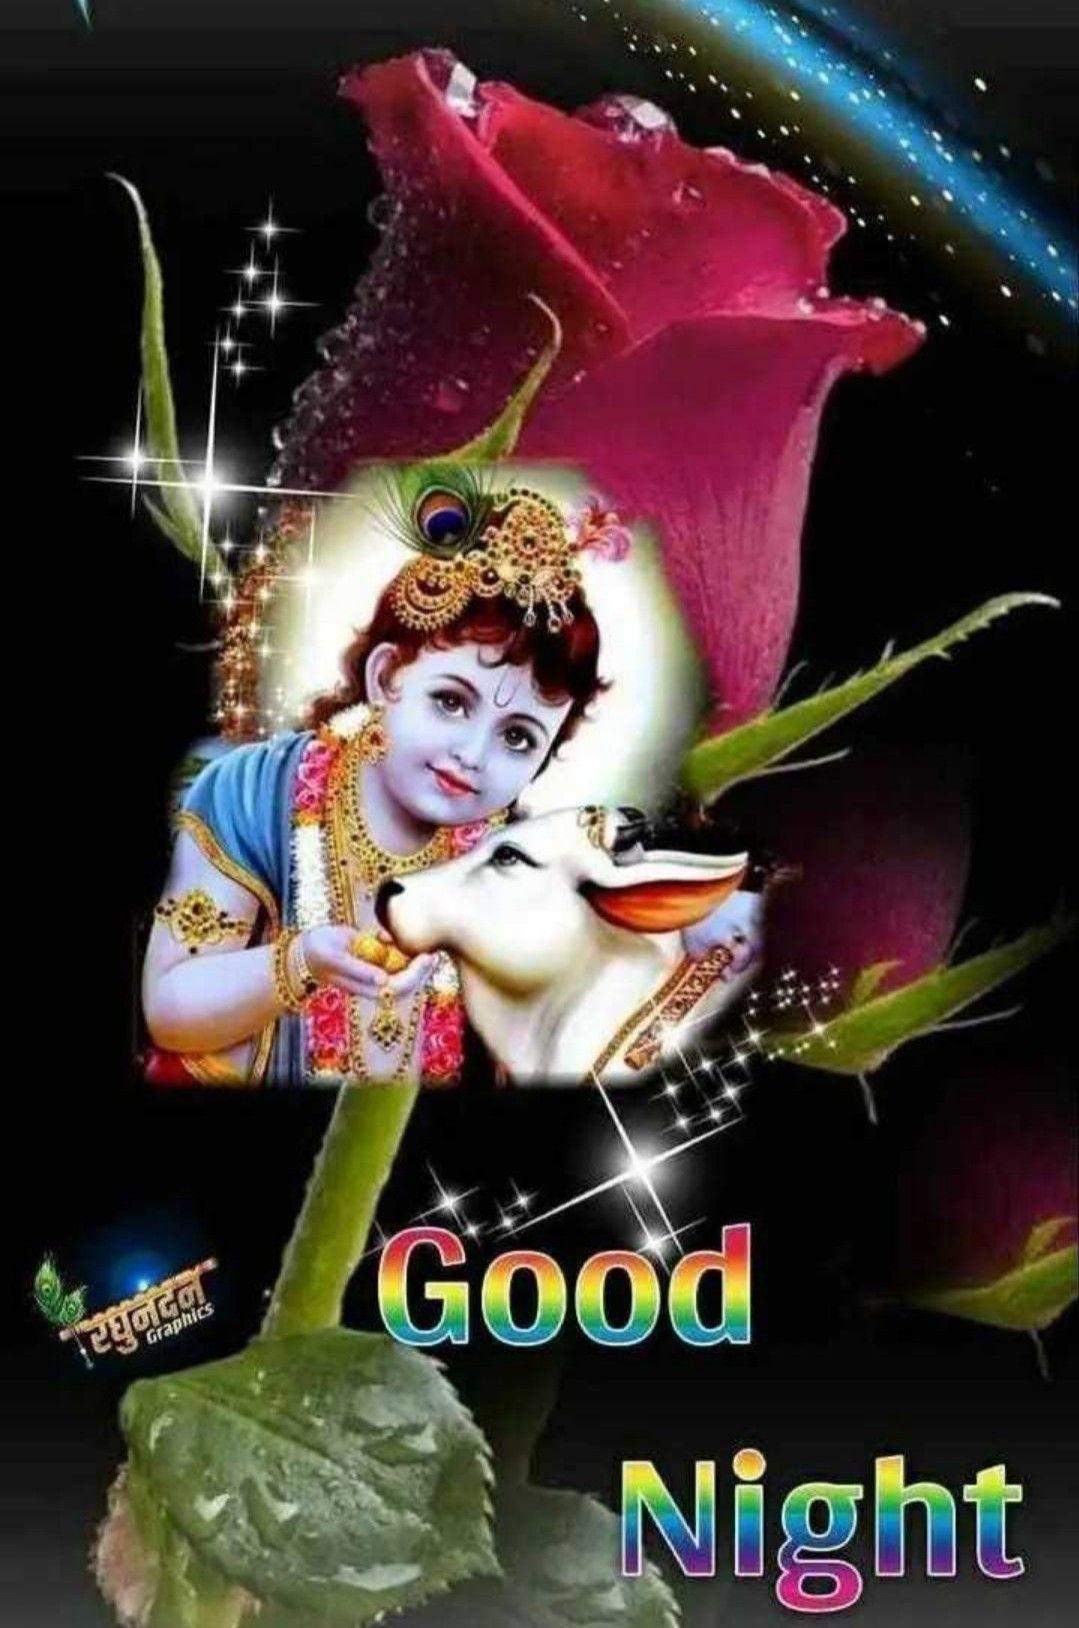 Good night image image by Aditi Kumari on Jai Shri Krishna